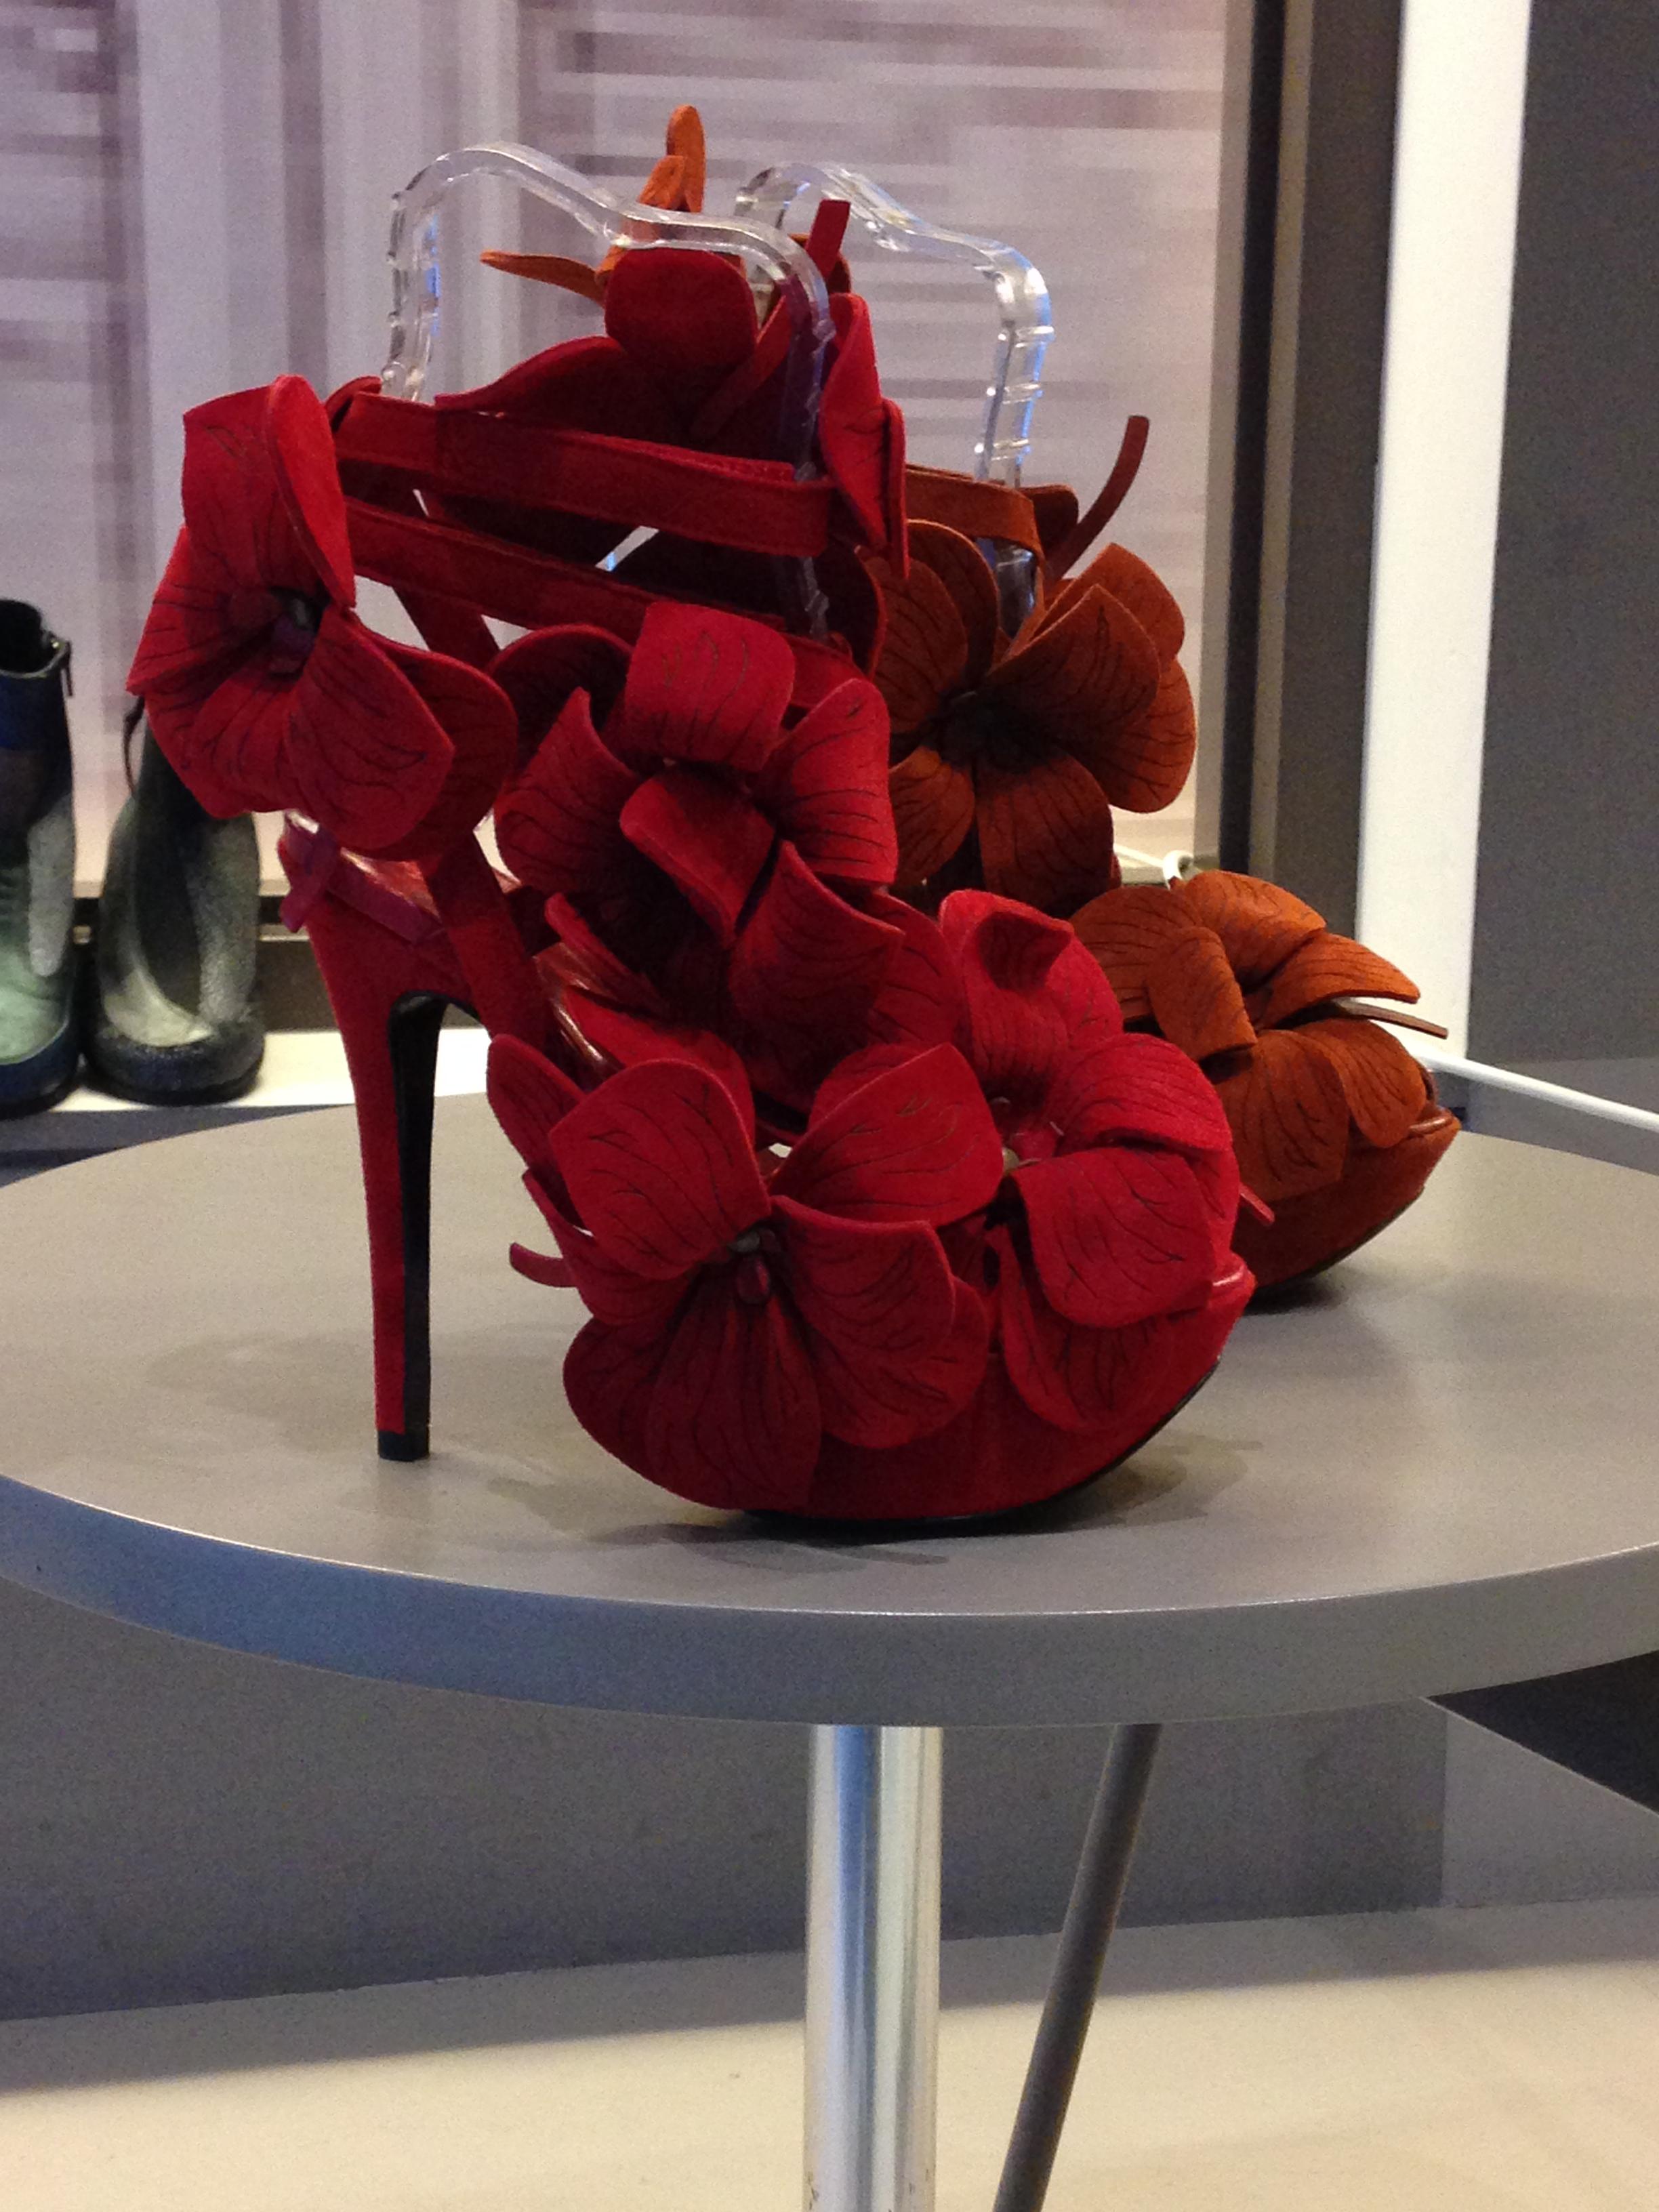 Heels by Jan Jansen, Maastricht - The Fashion Orientalist